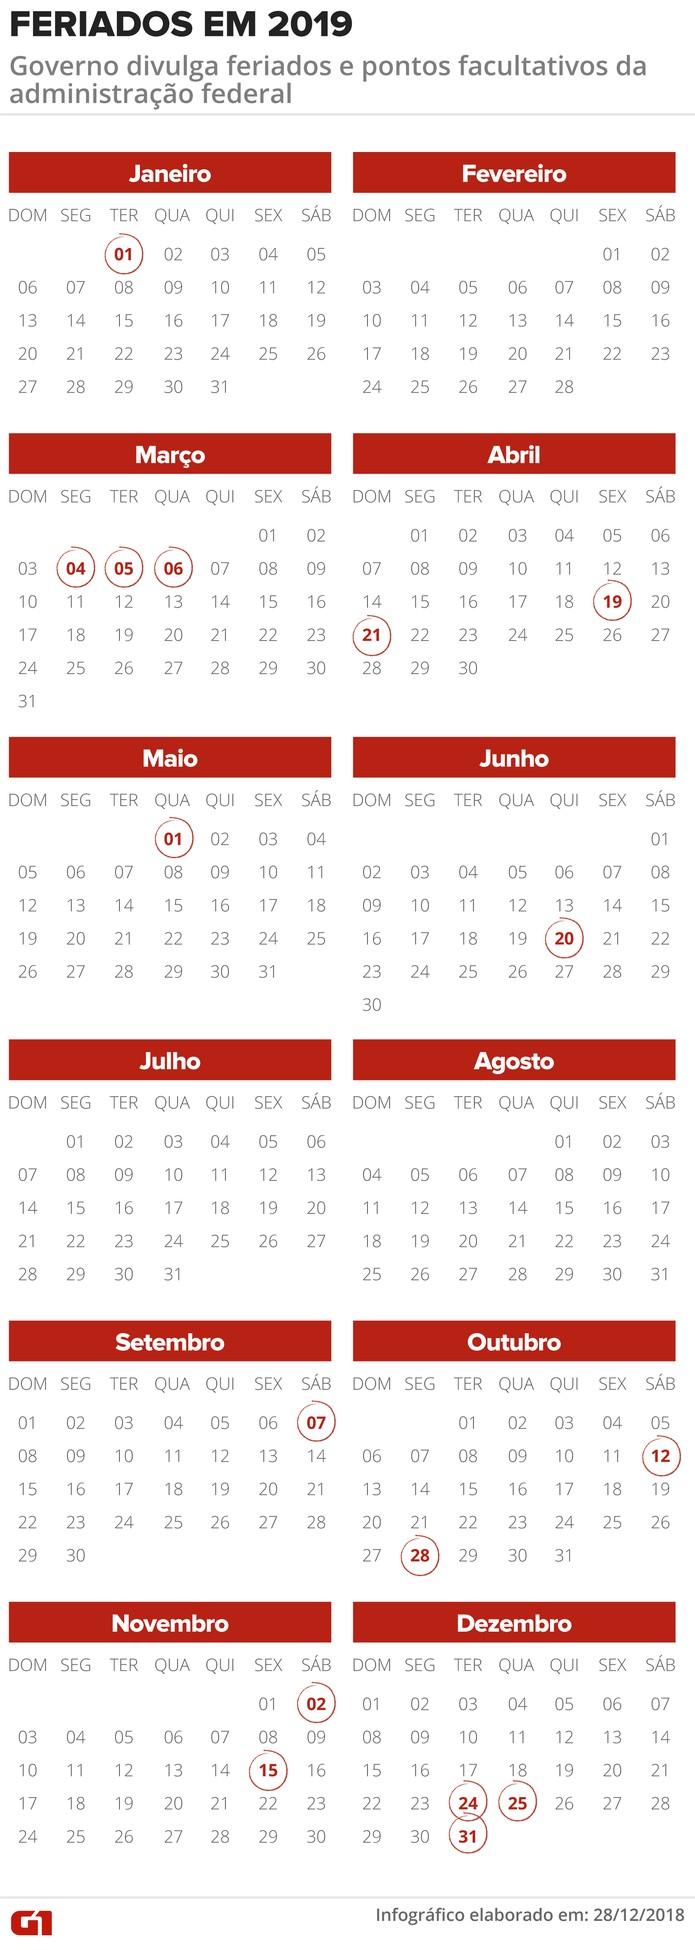 Calendario 2020 Brasil Com Feriados.Feriados E Pontos Facultativos Da Administracao Federal Em